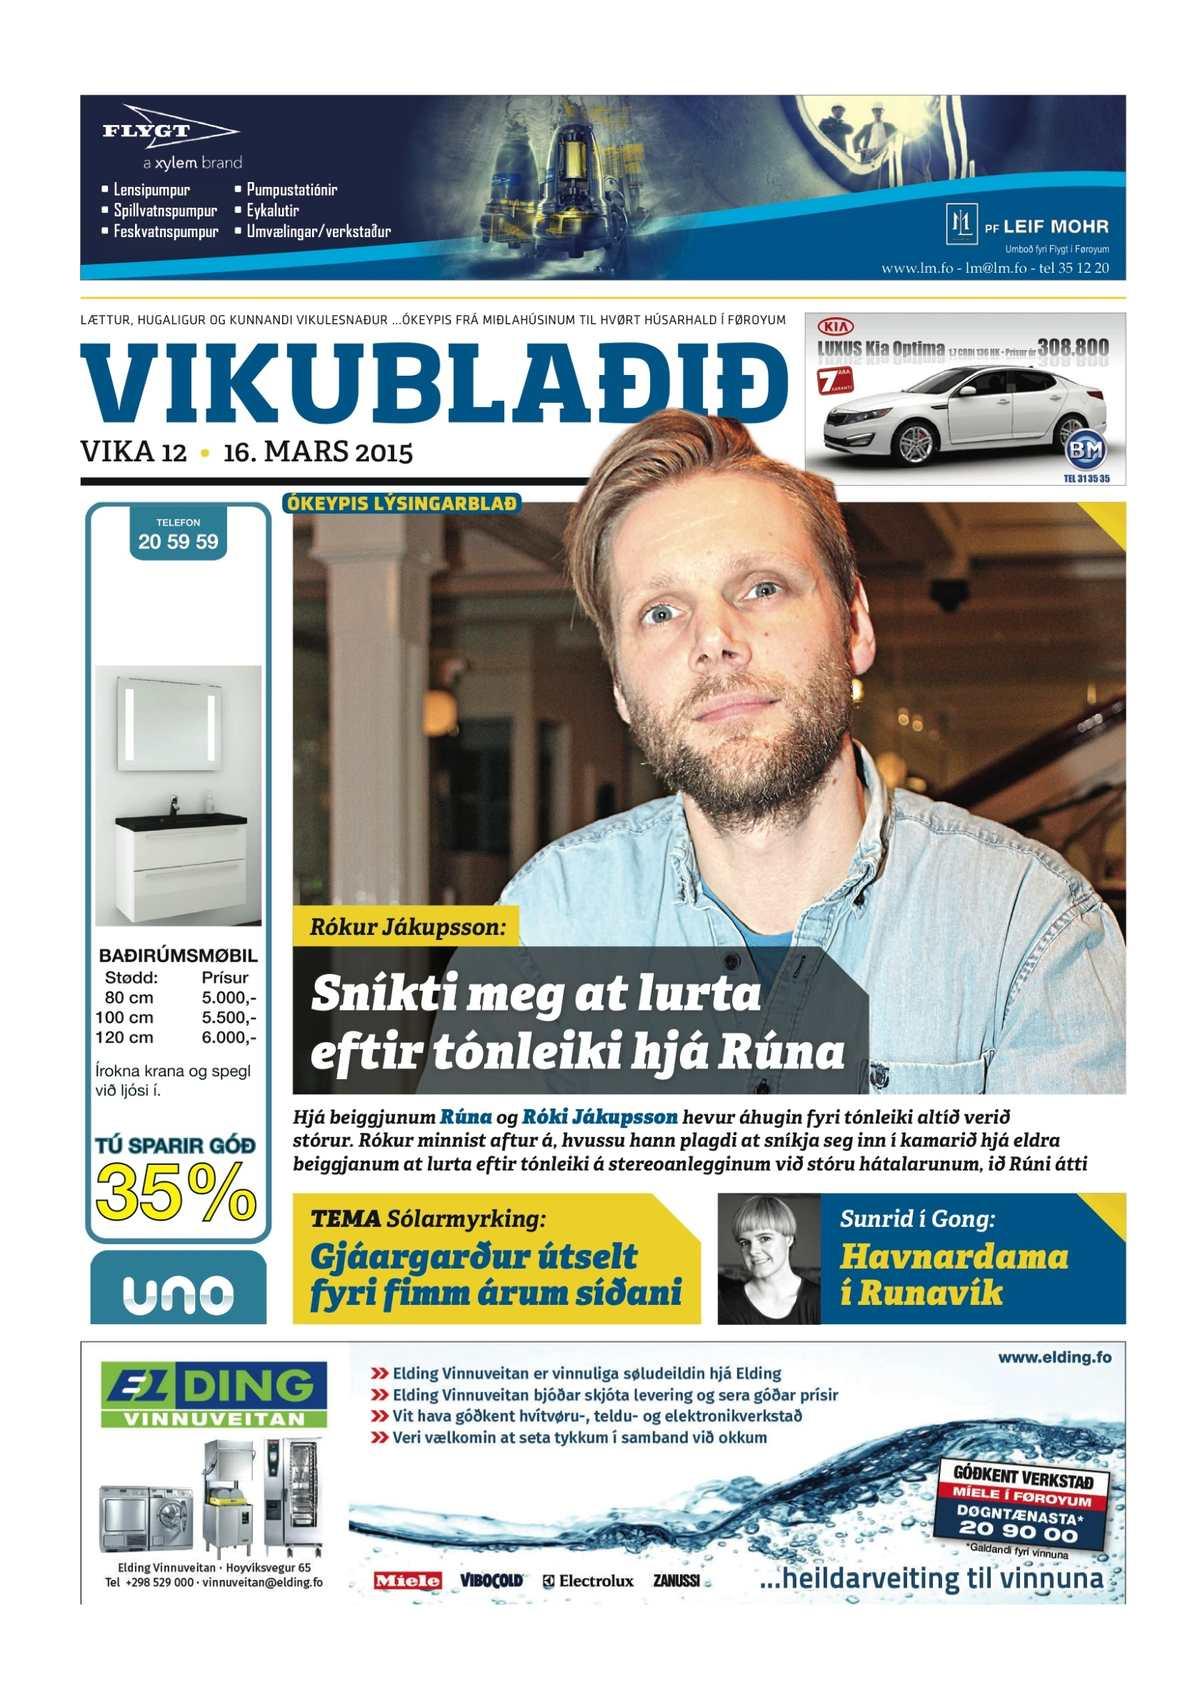 Vikublaðið 16. marts 2015